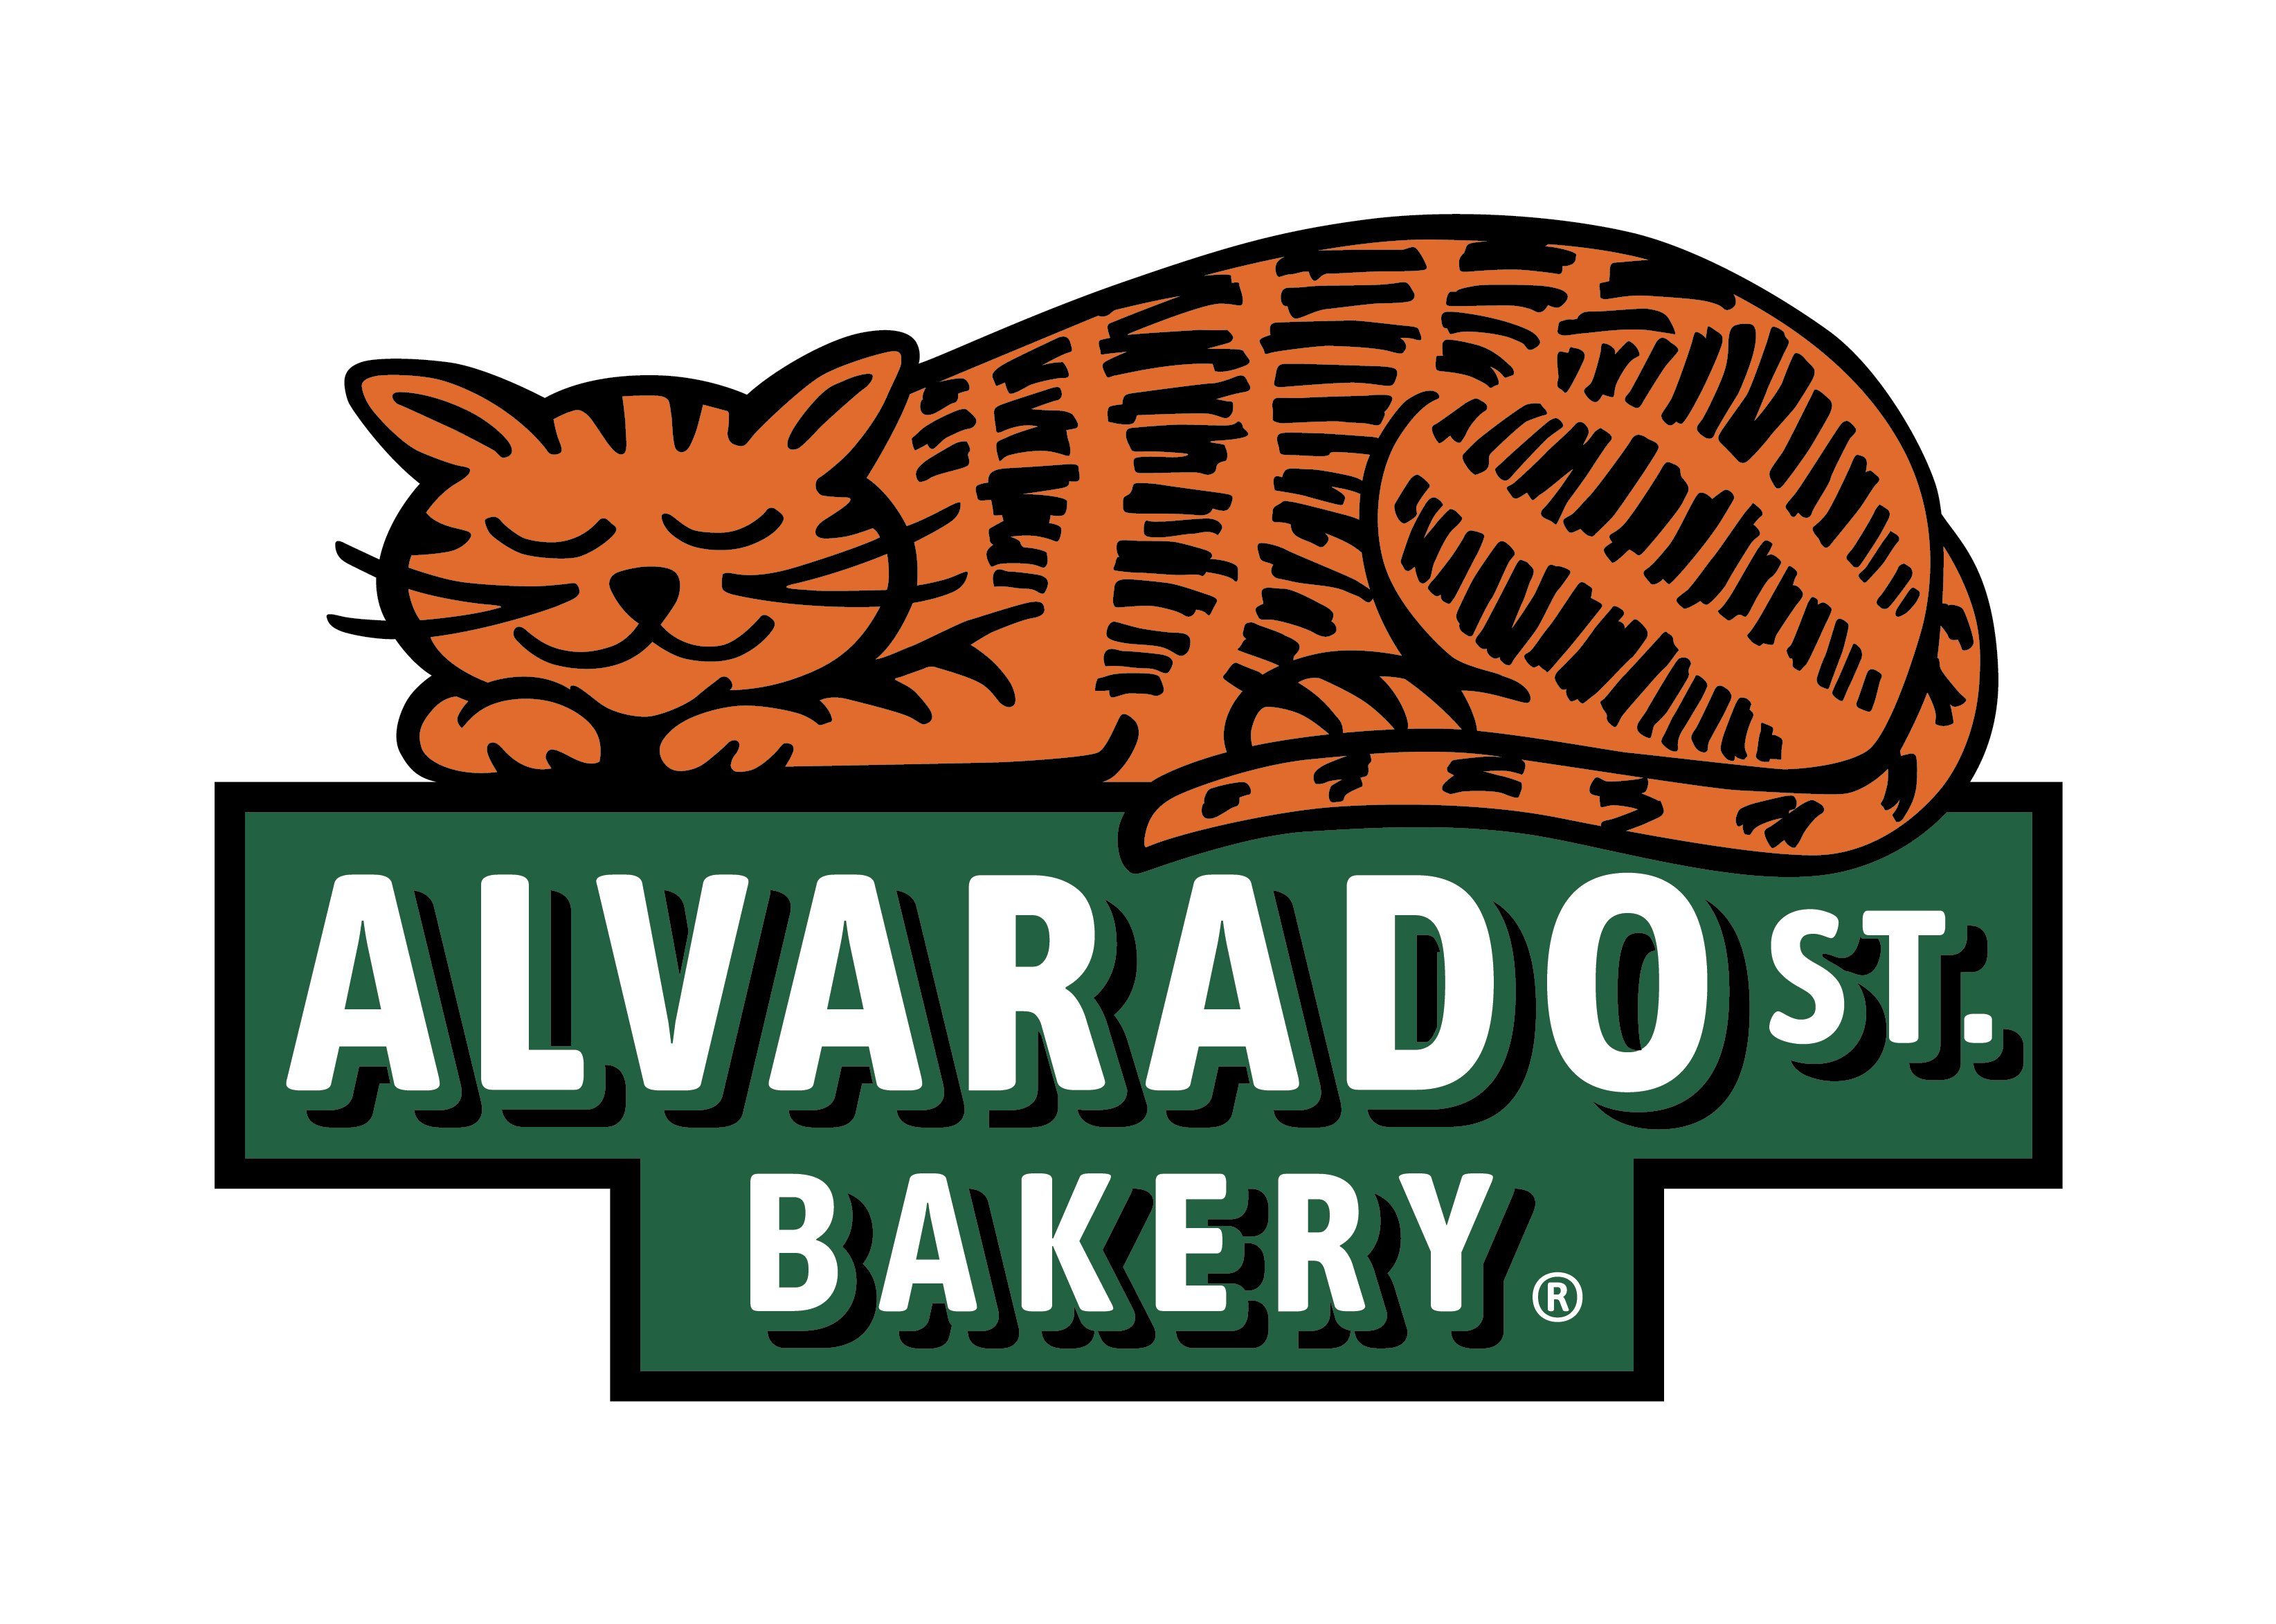 Alvarado St Bakery